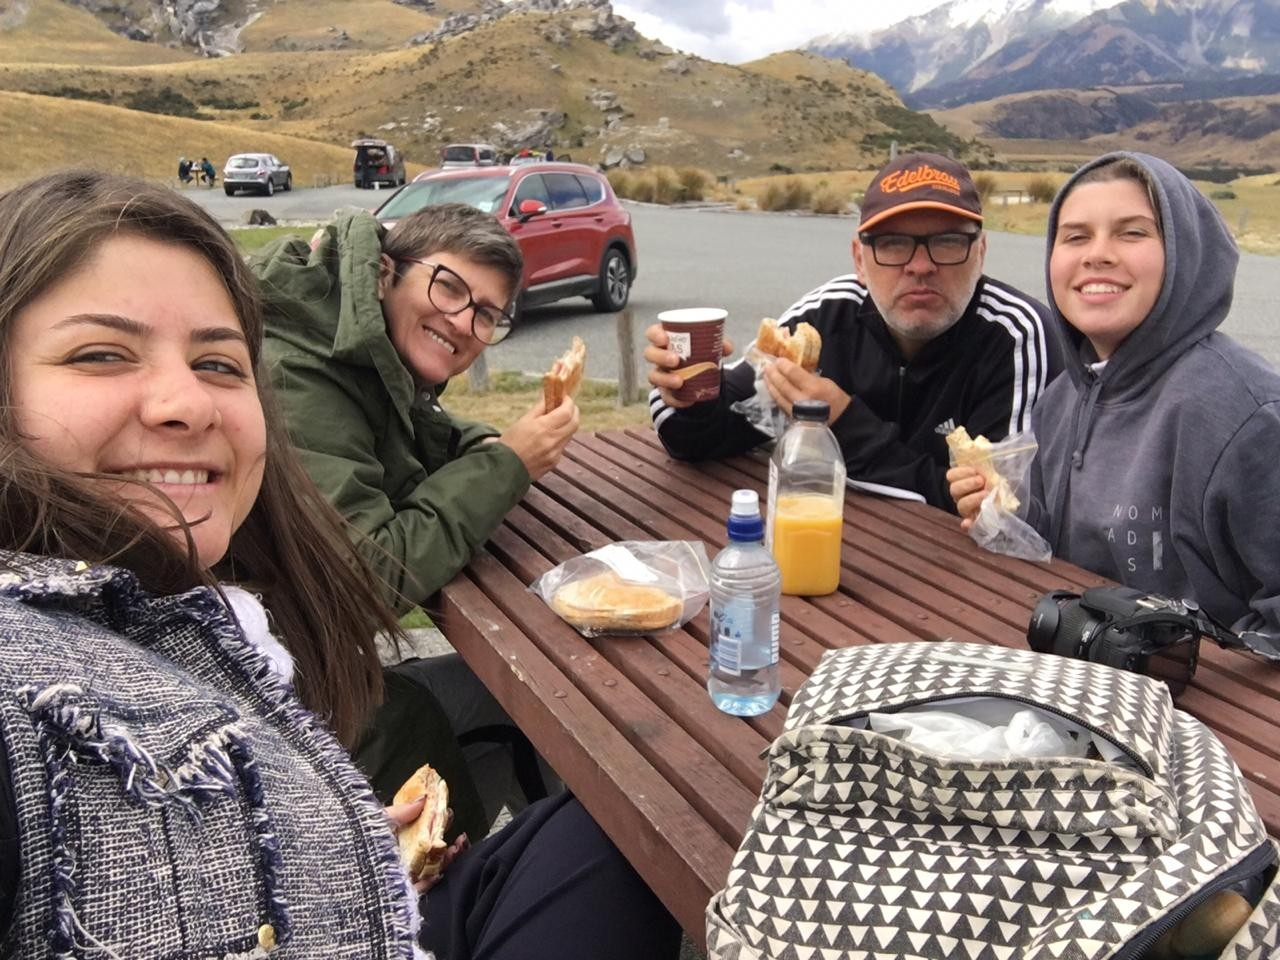 Família do RS em férias na Nova Zelândia tem dificuldades para retornar ao Brasil devido a pandemia